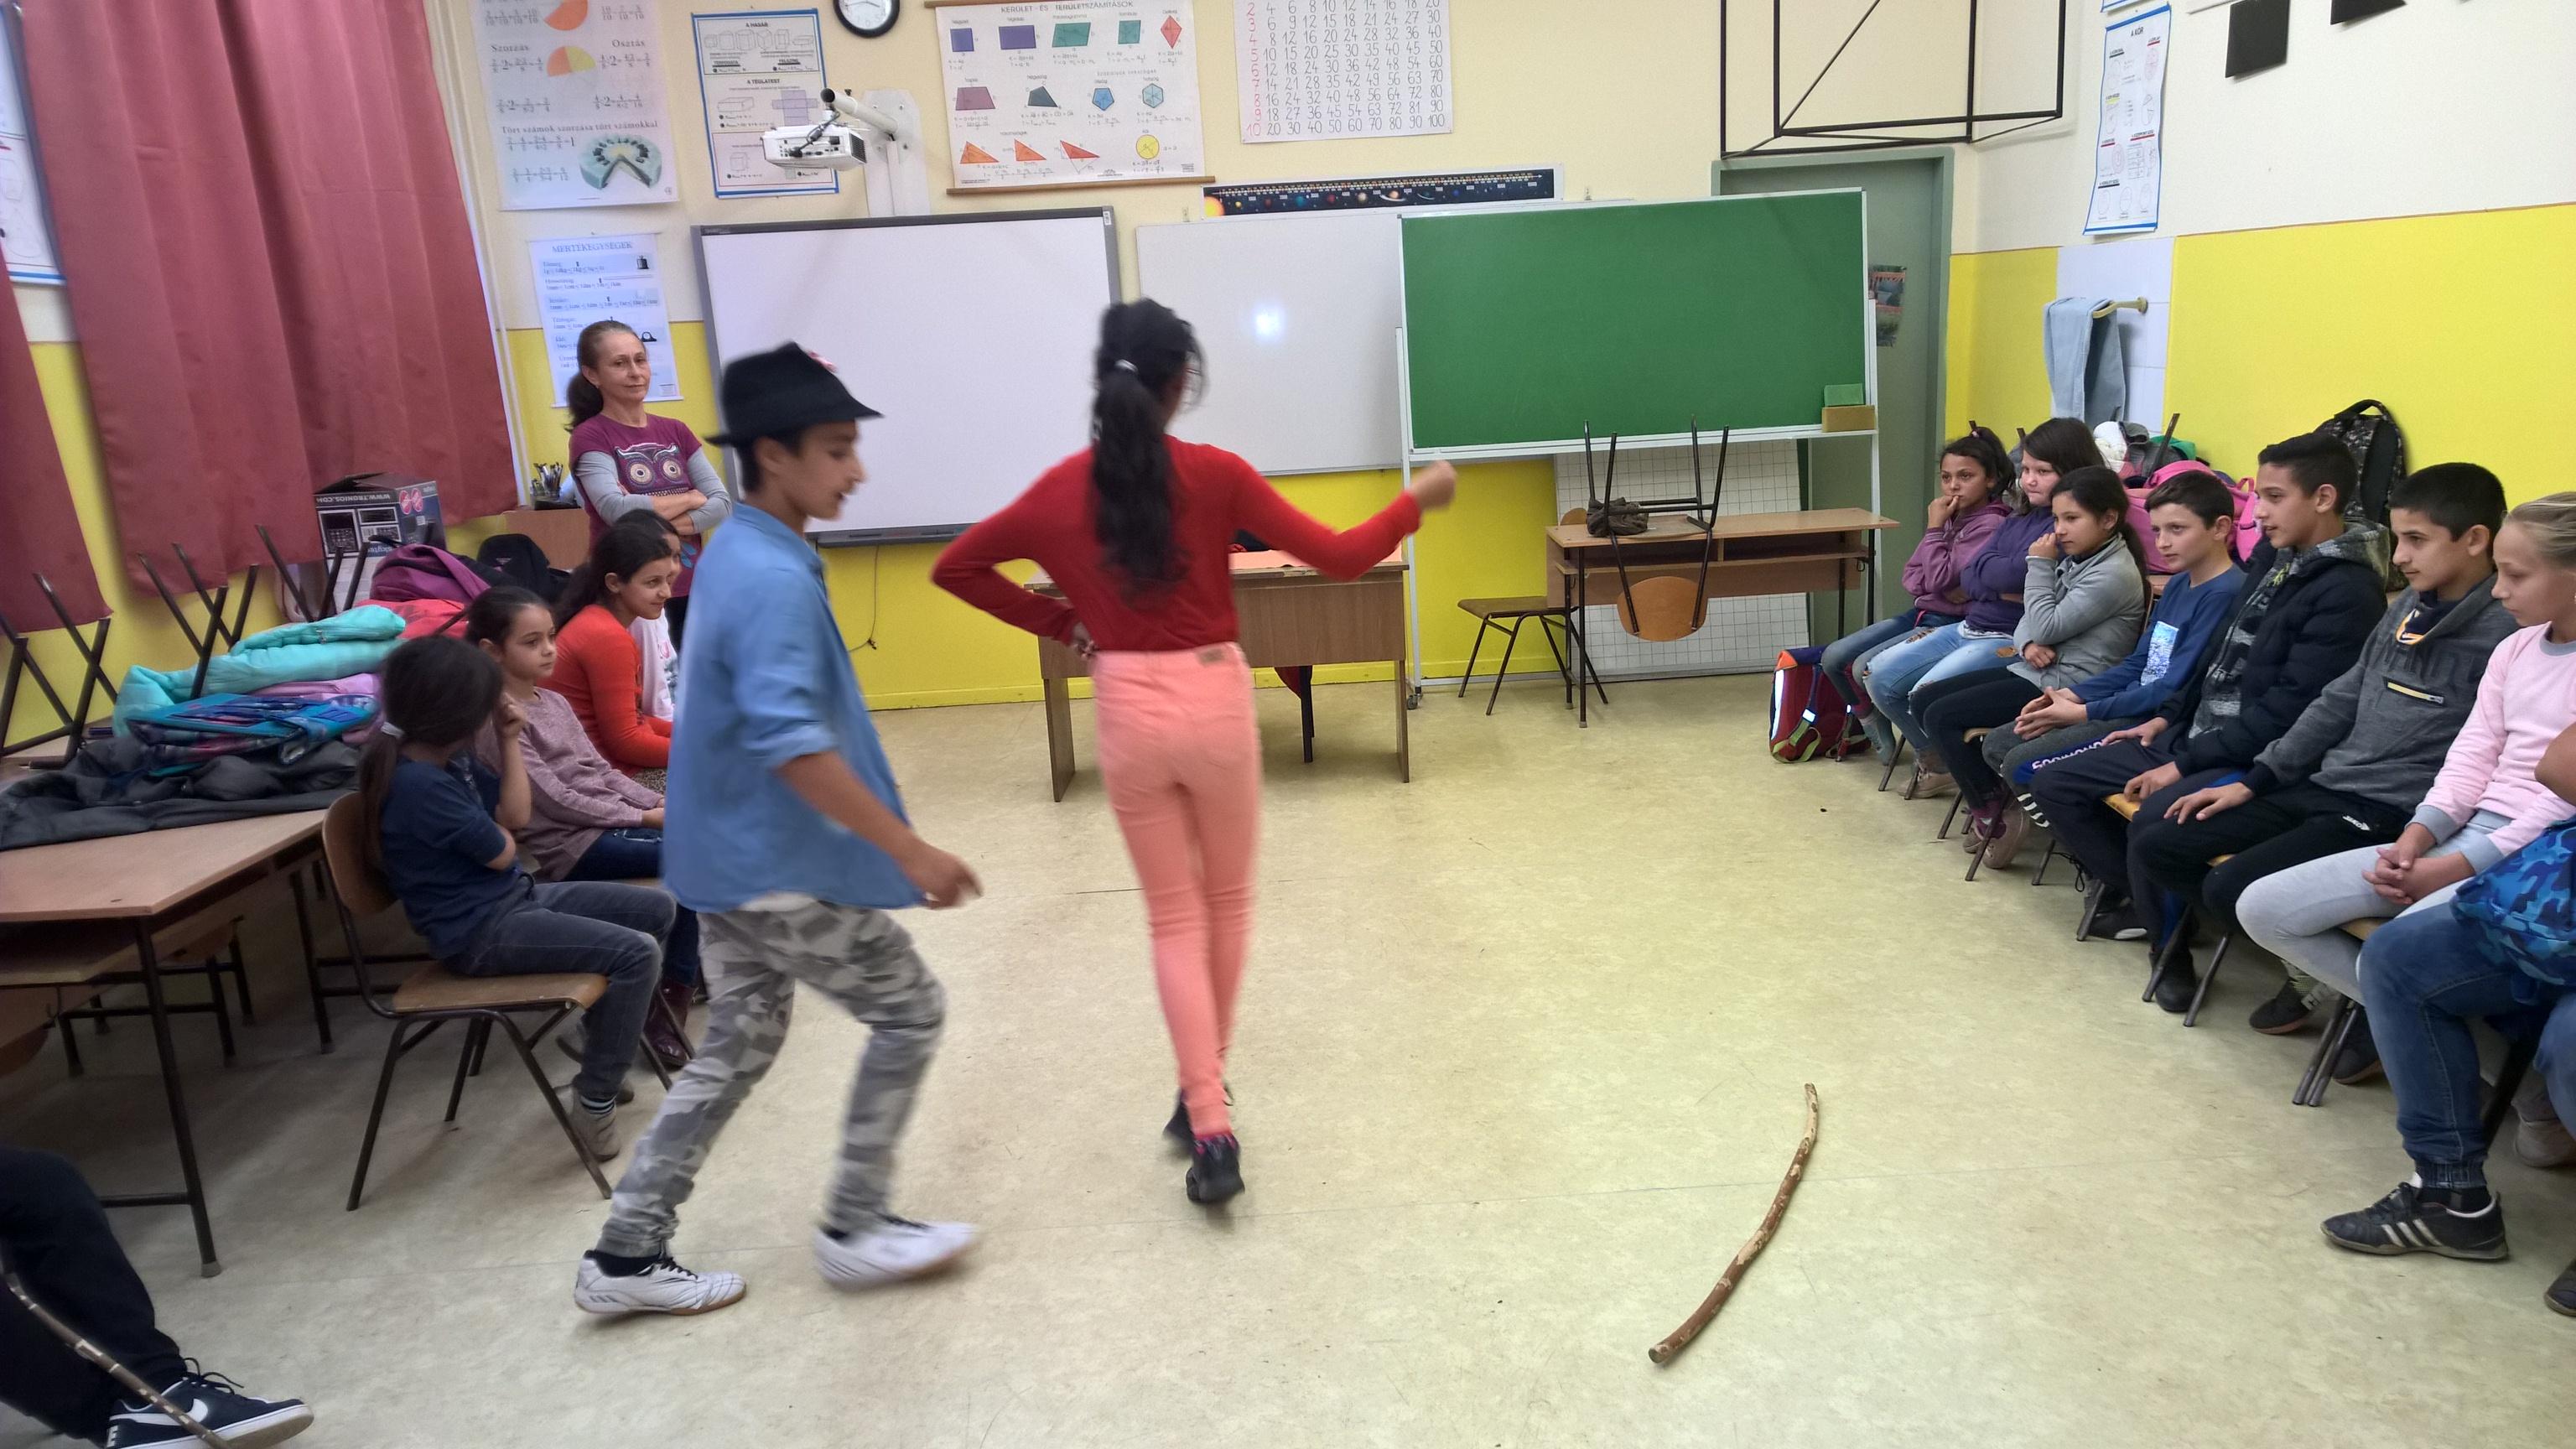 2018 09 - Néptánc oktatás